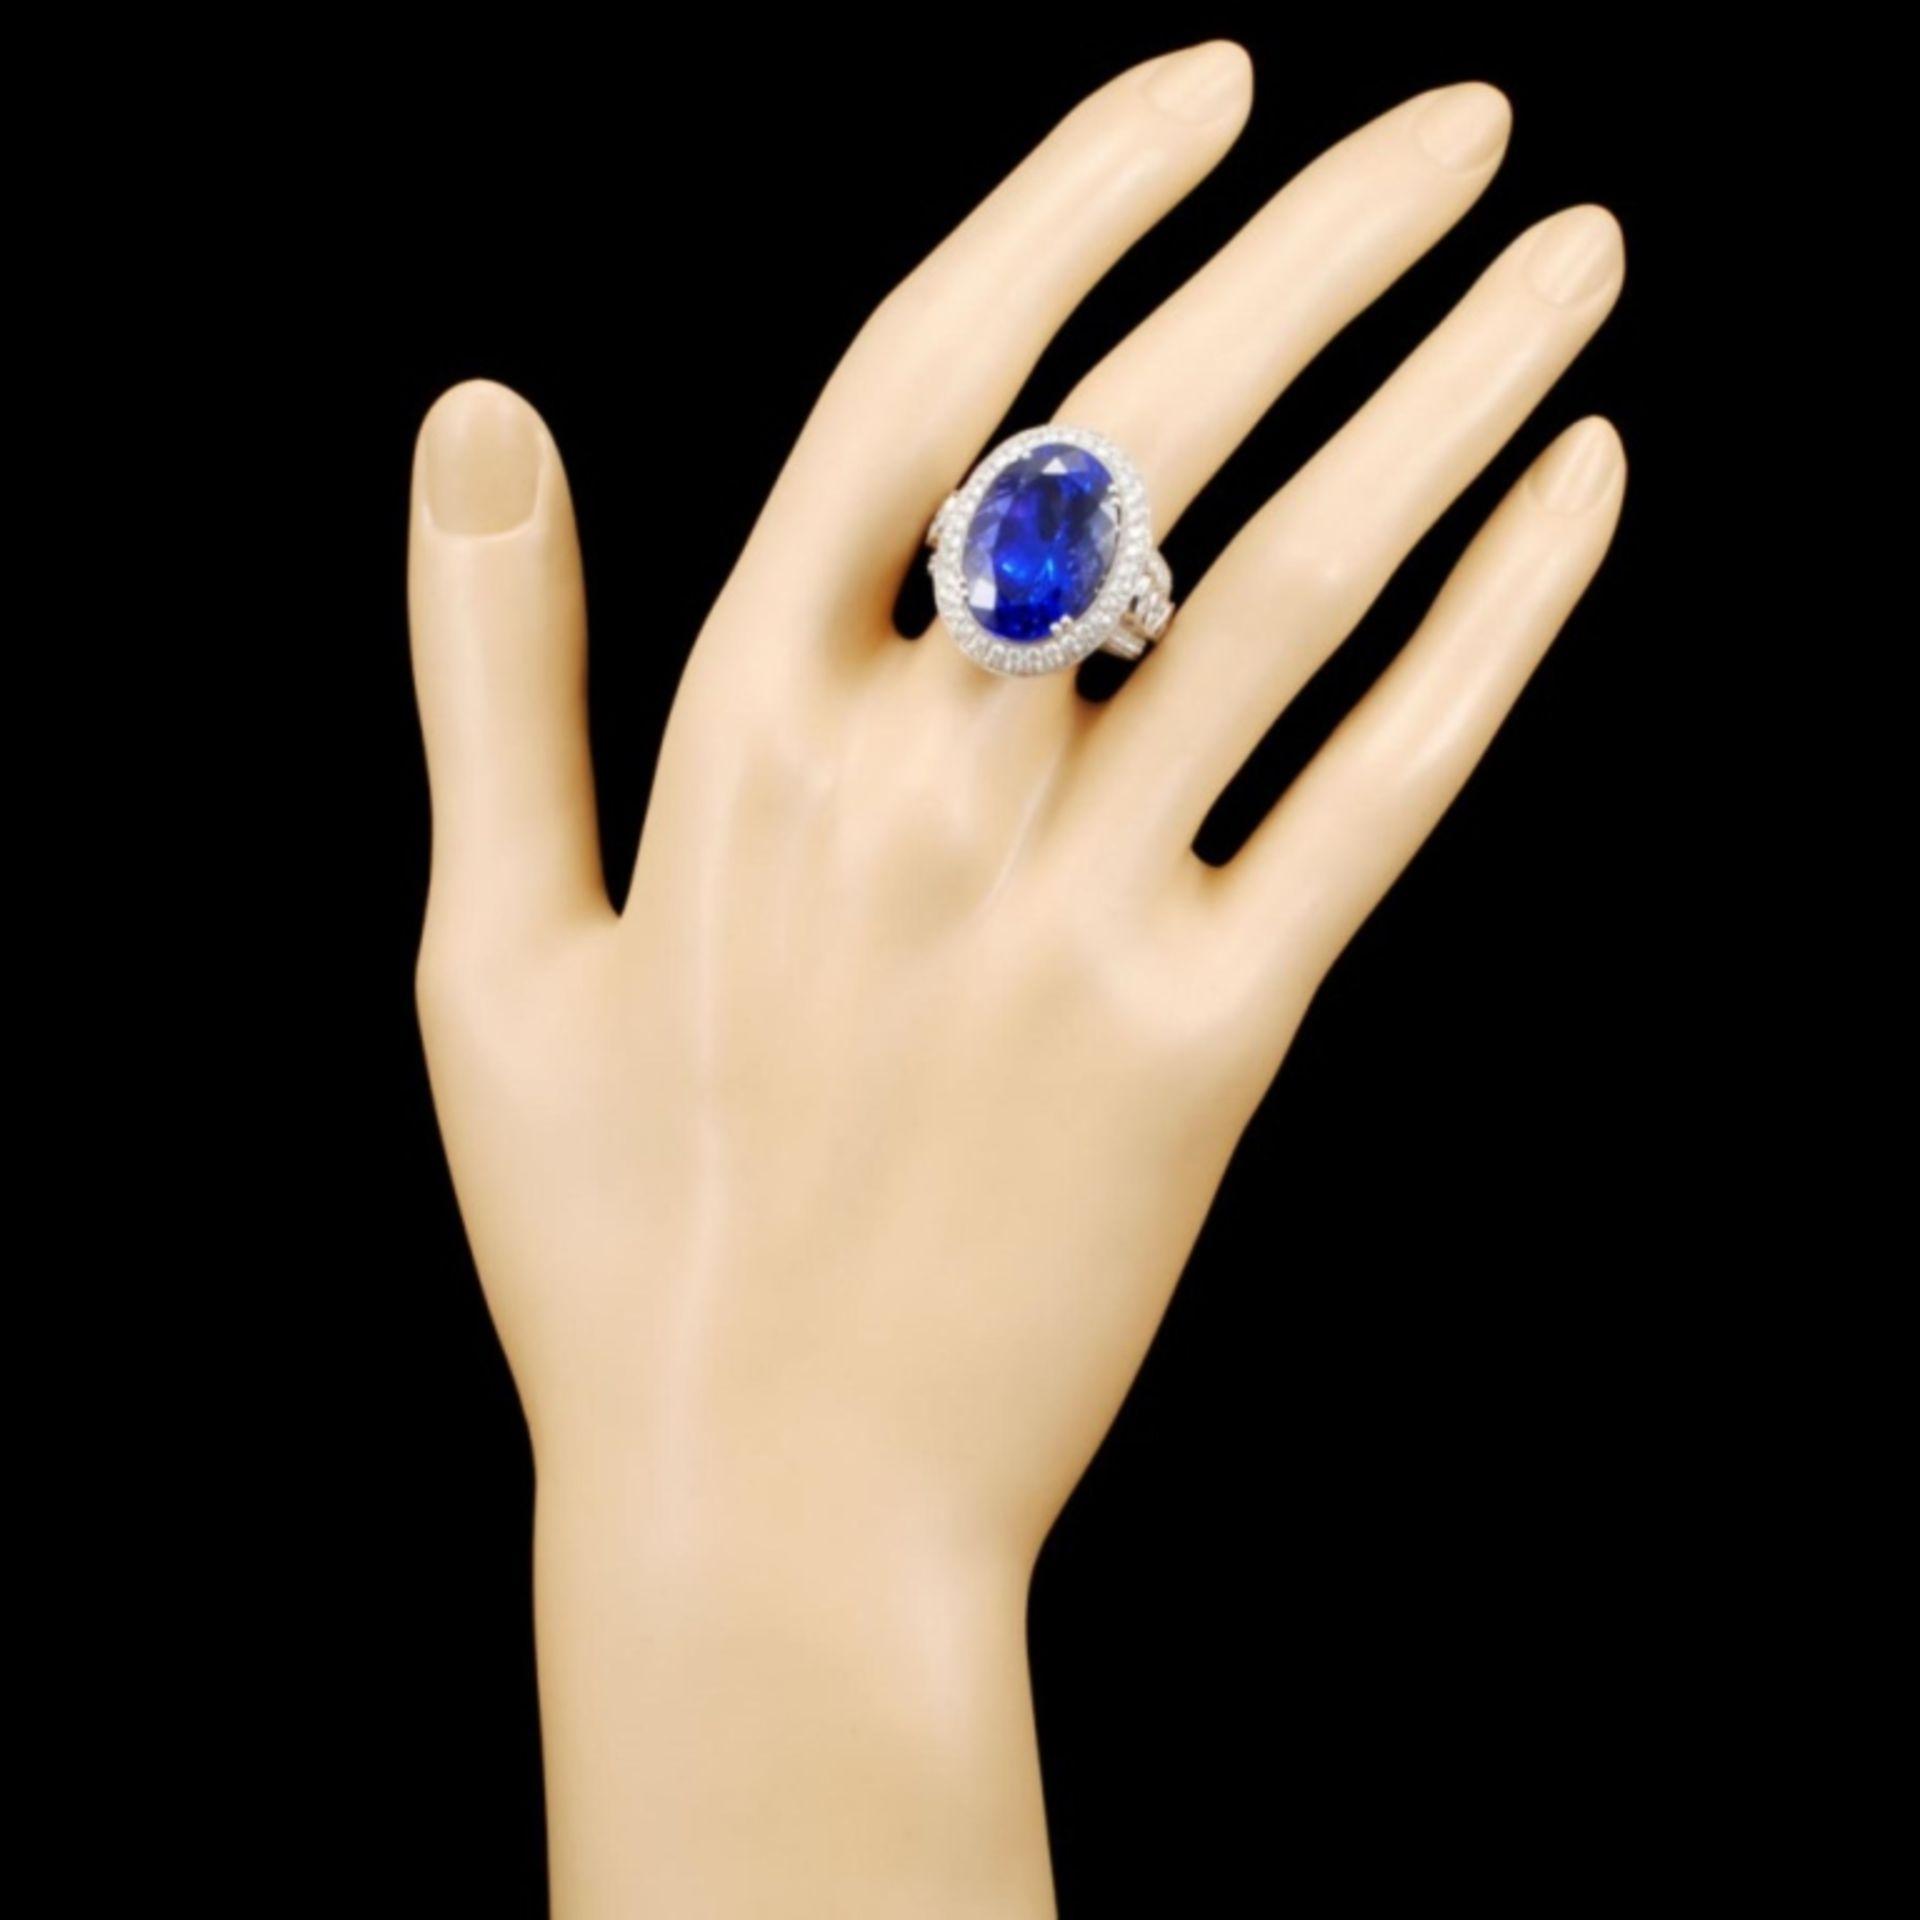 18K Gold 17.41ct Tanzanite & 3.68ctw Diamond Ring - Image 4 of 5